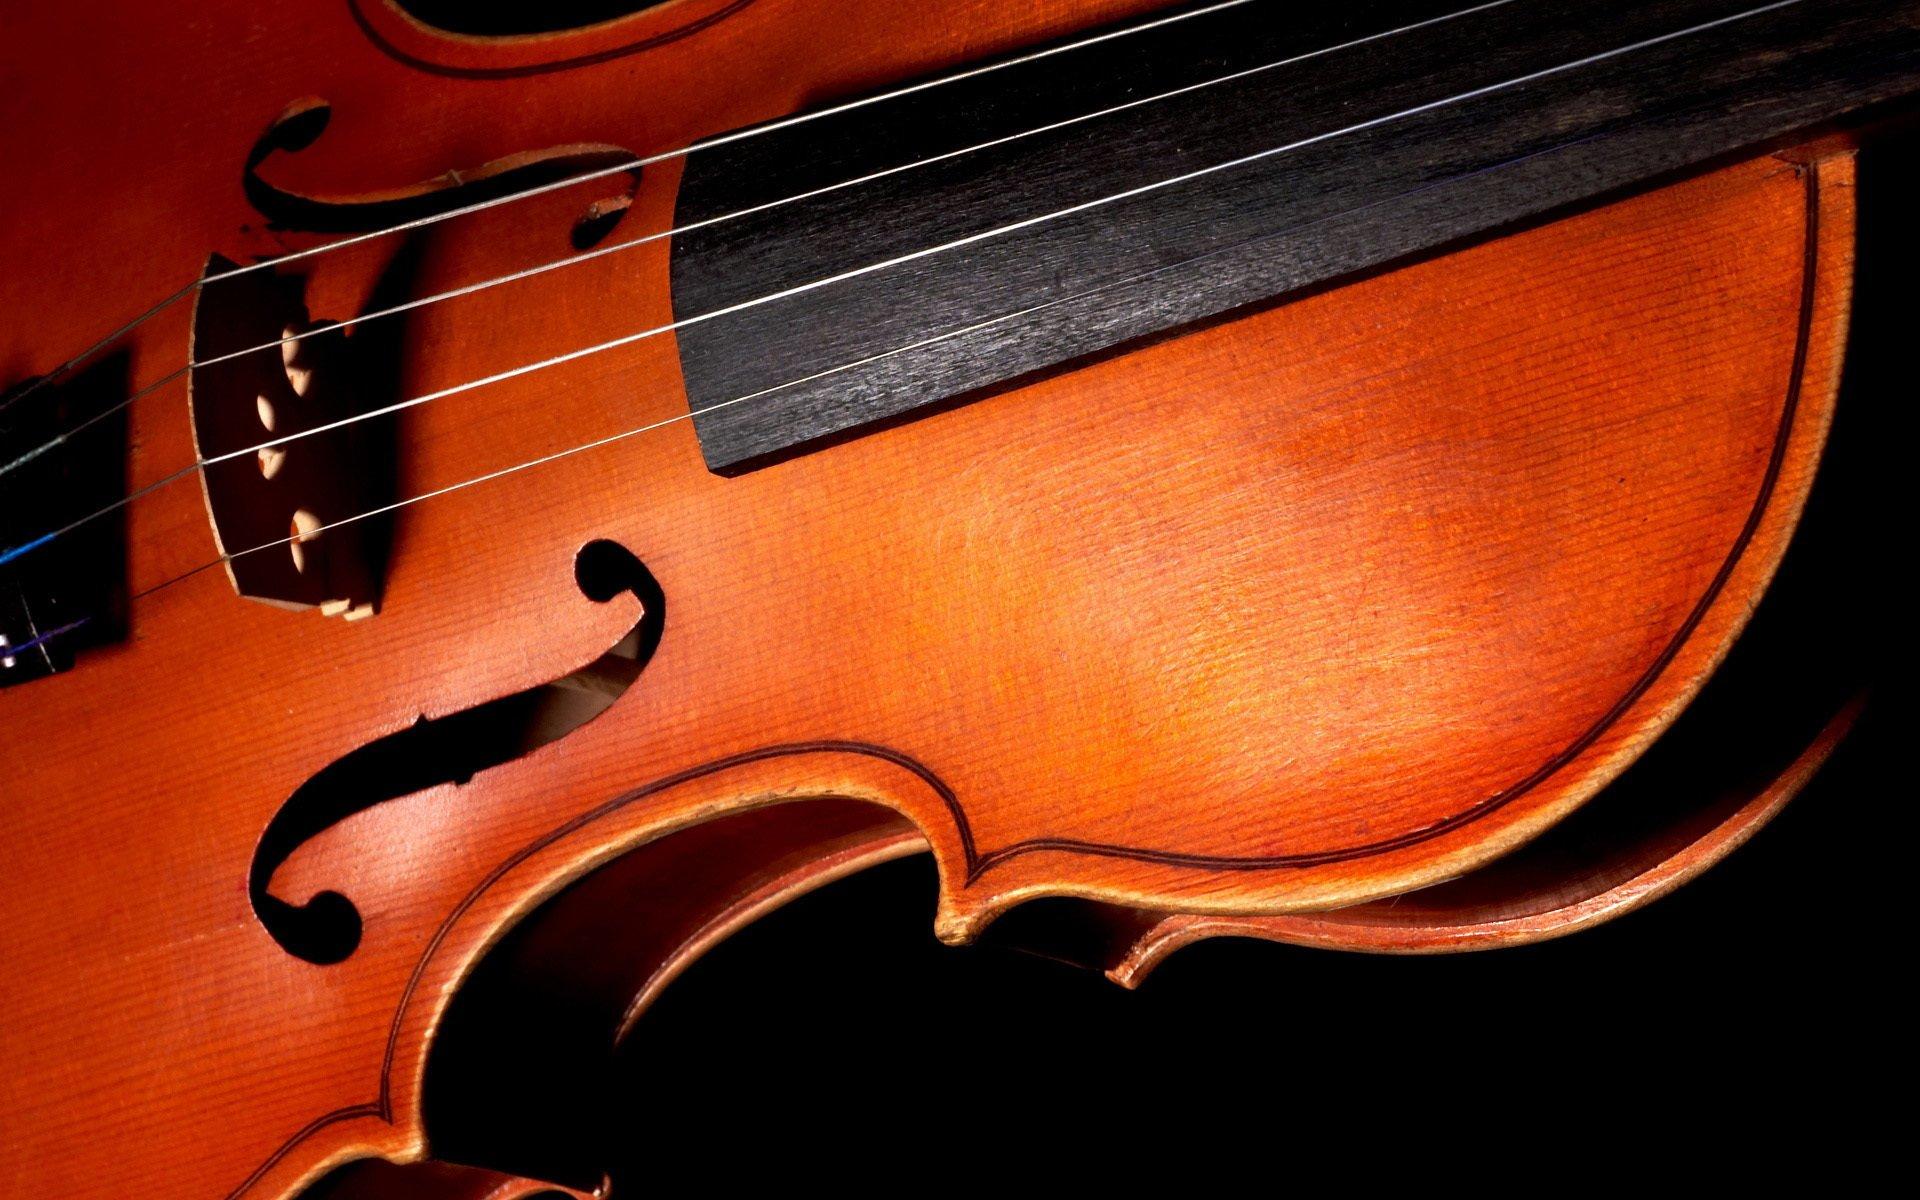 Красивые картинки с музыкальными инструментами на фоне